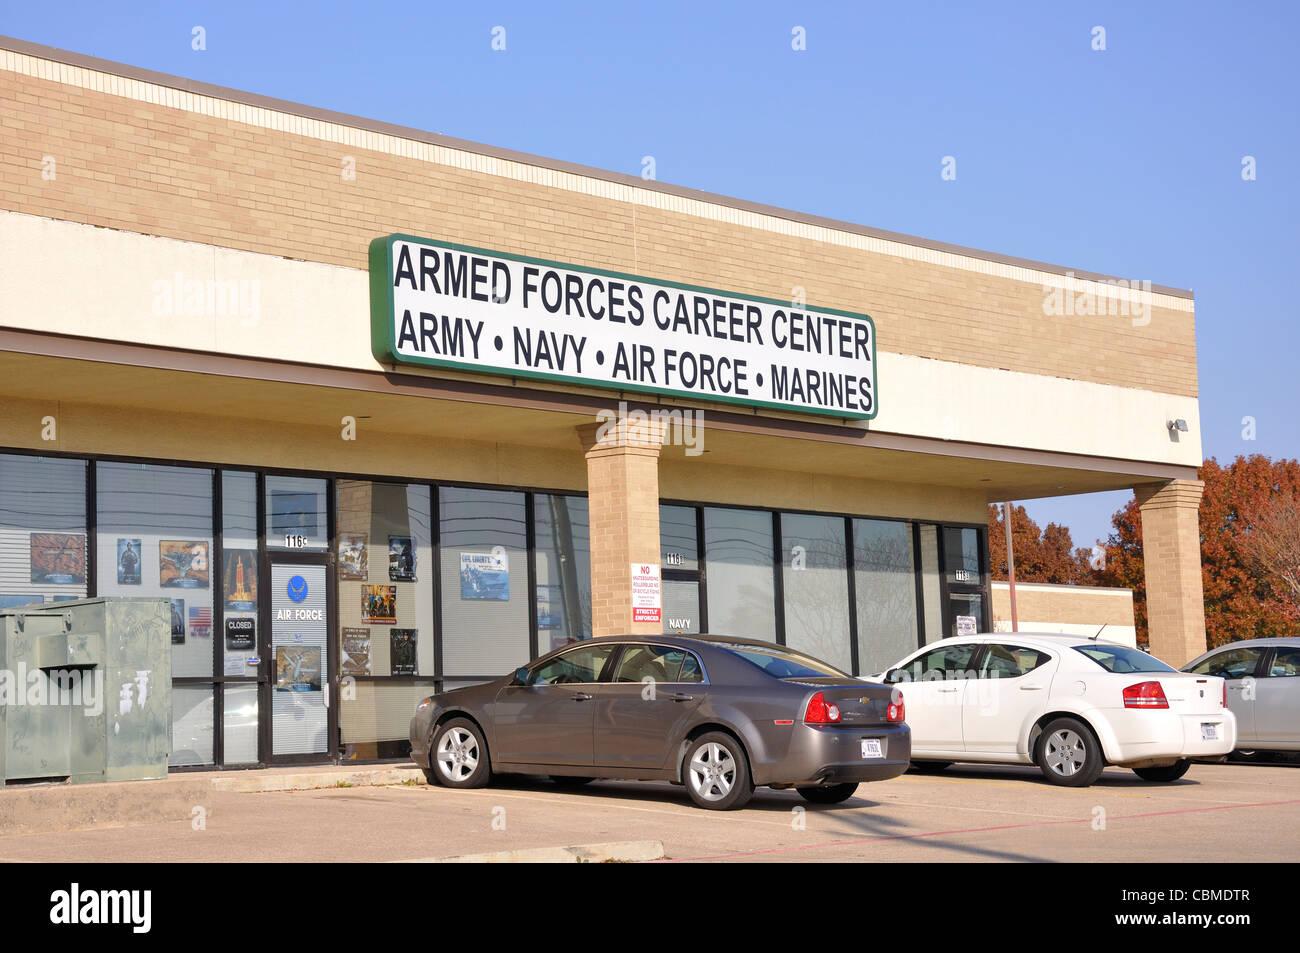 Centre de carrière des forces armées des États unis bureau de